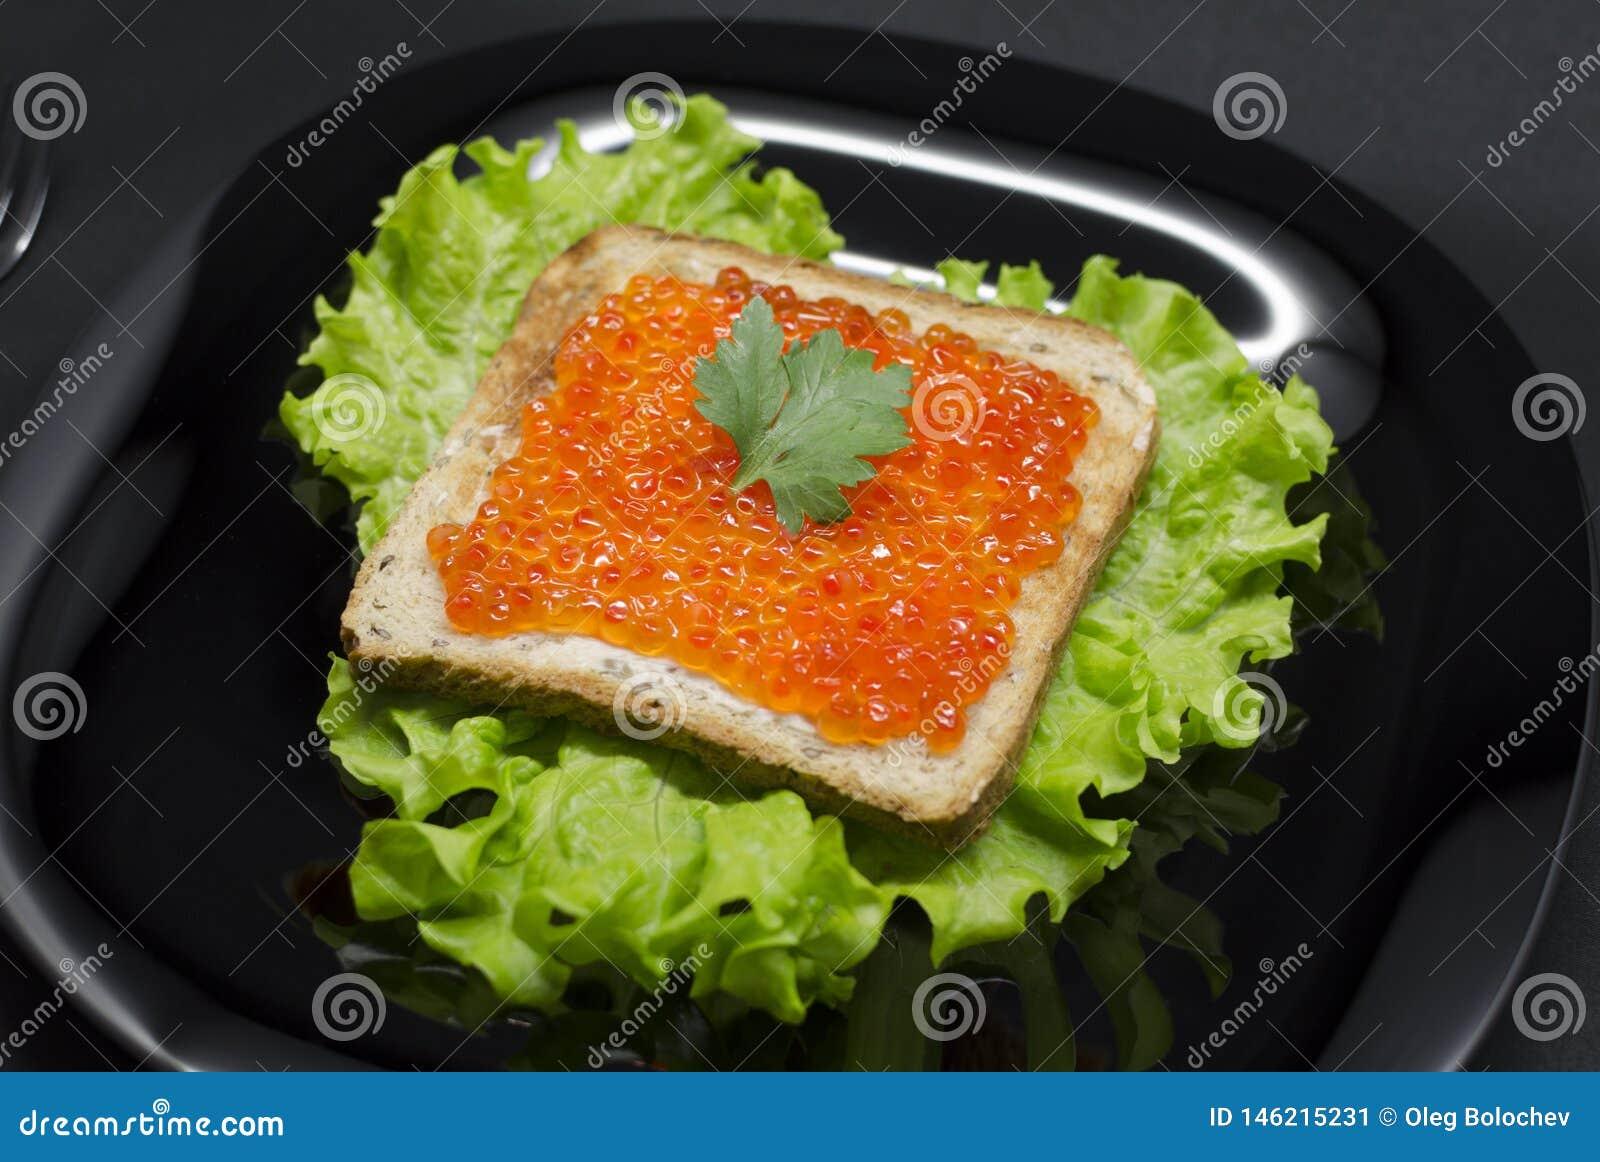 Brinde com caviar vermelho e salada verde